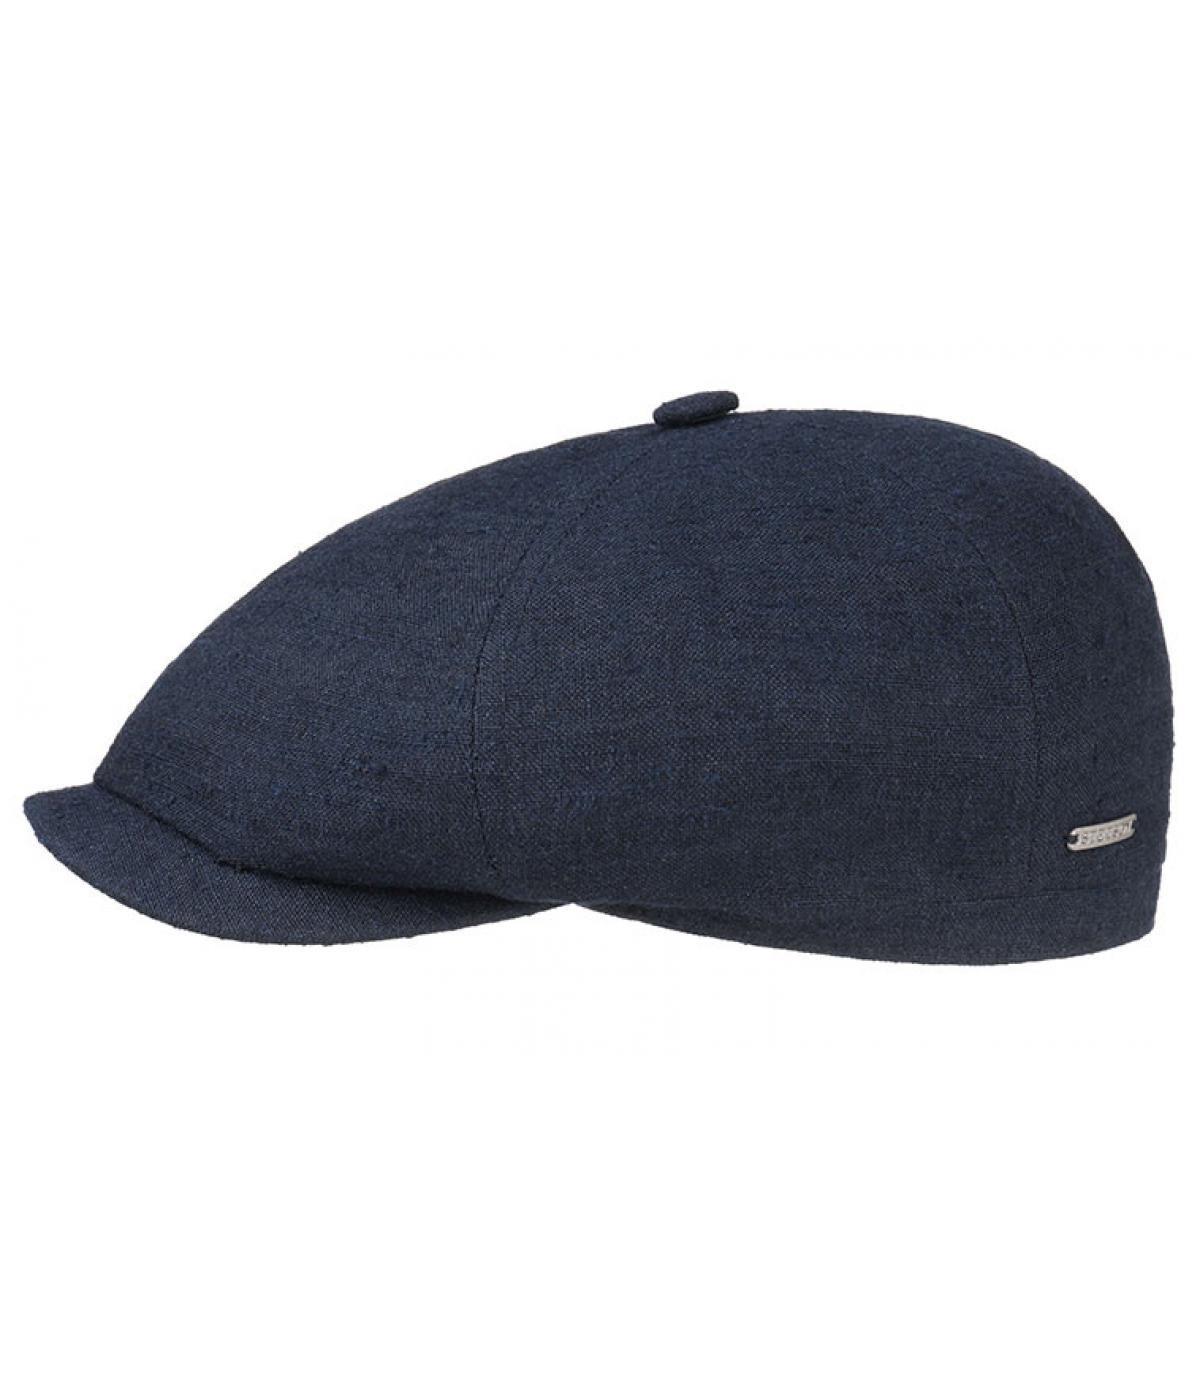 Détails Brooklyn cap lin soie navy - image 2